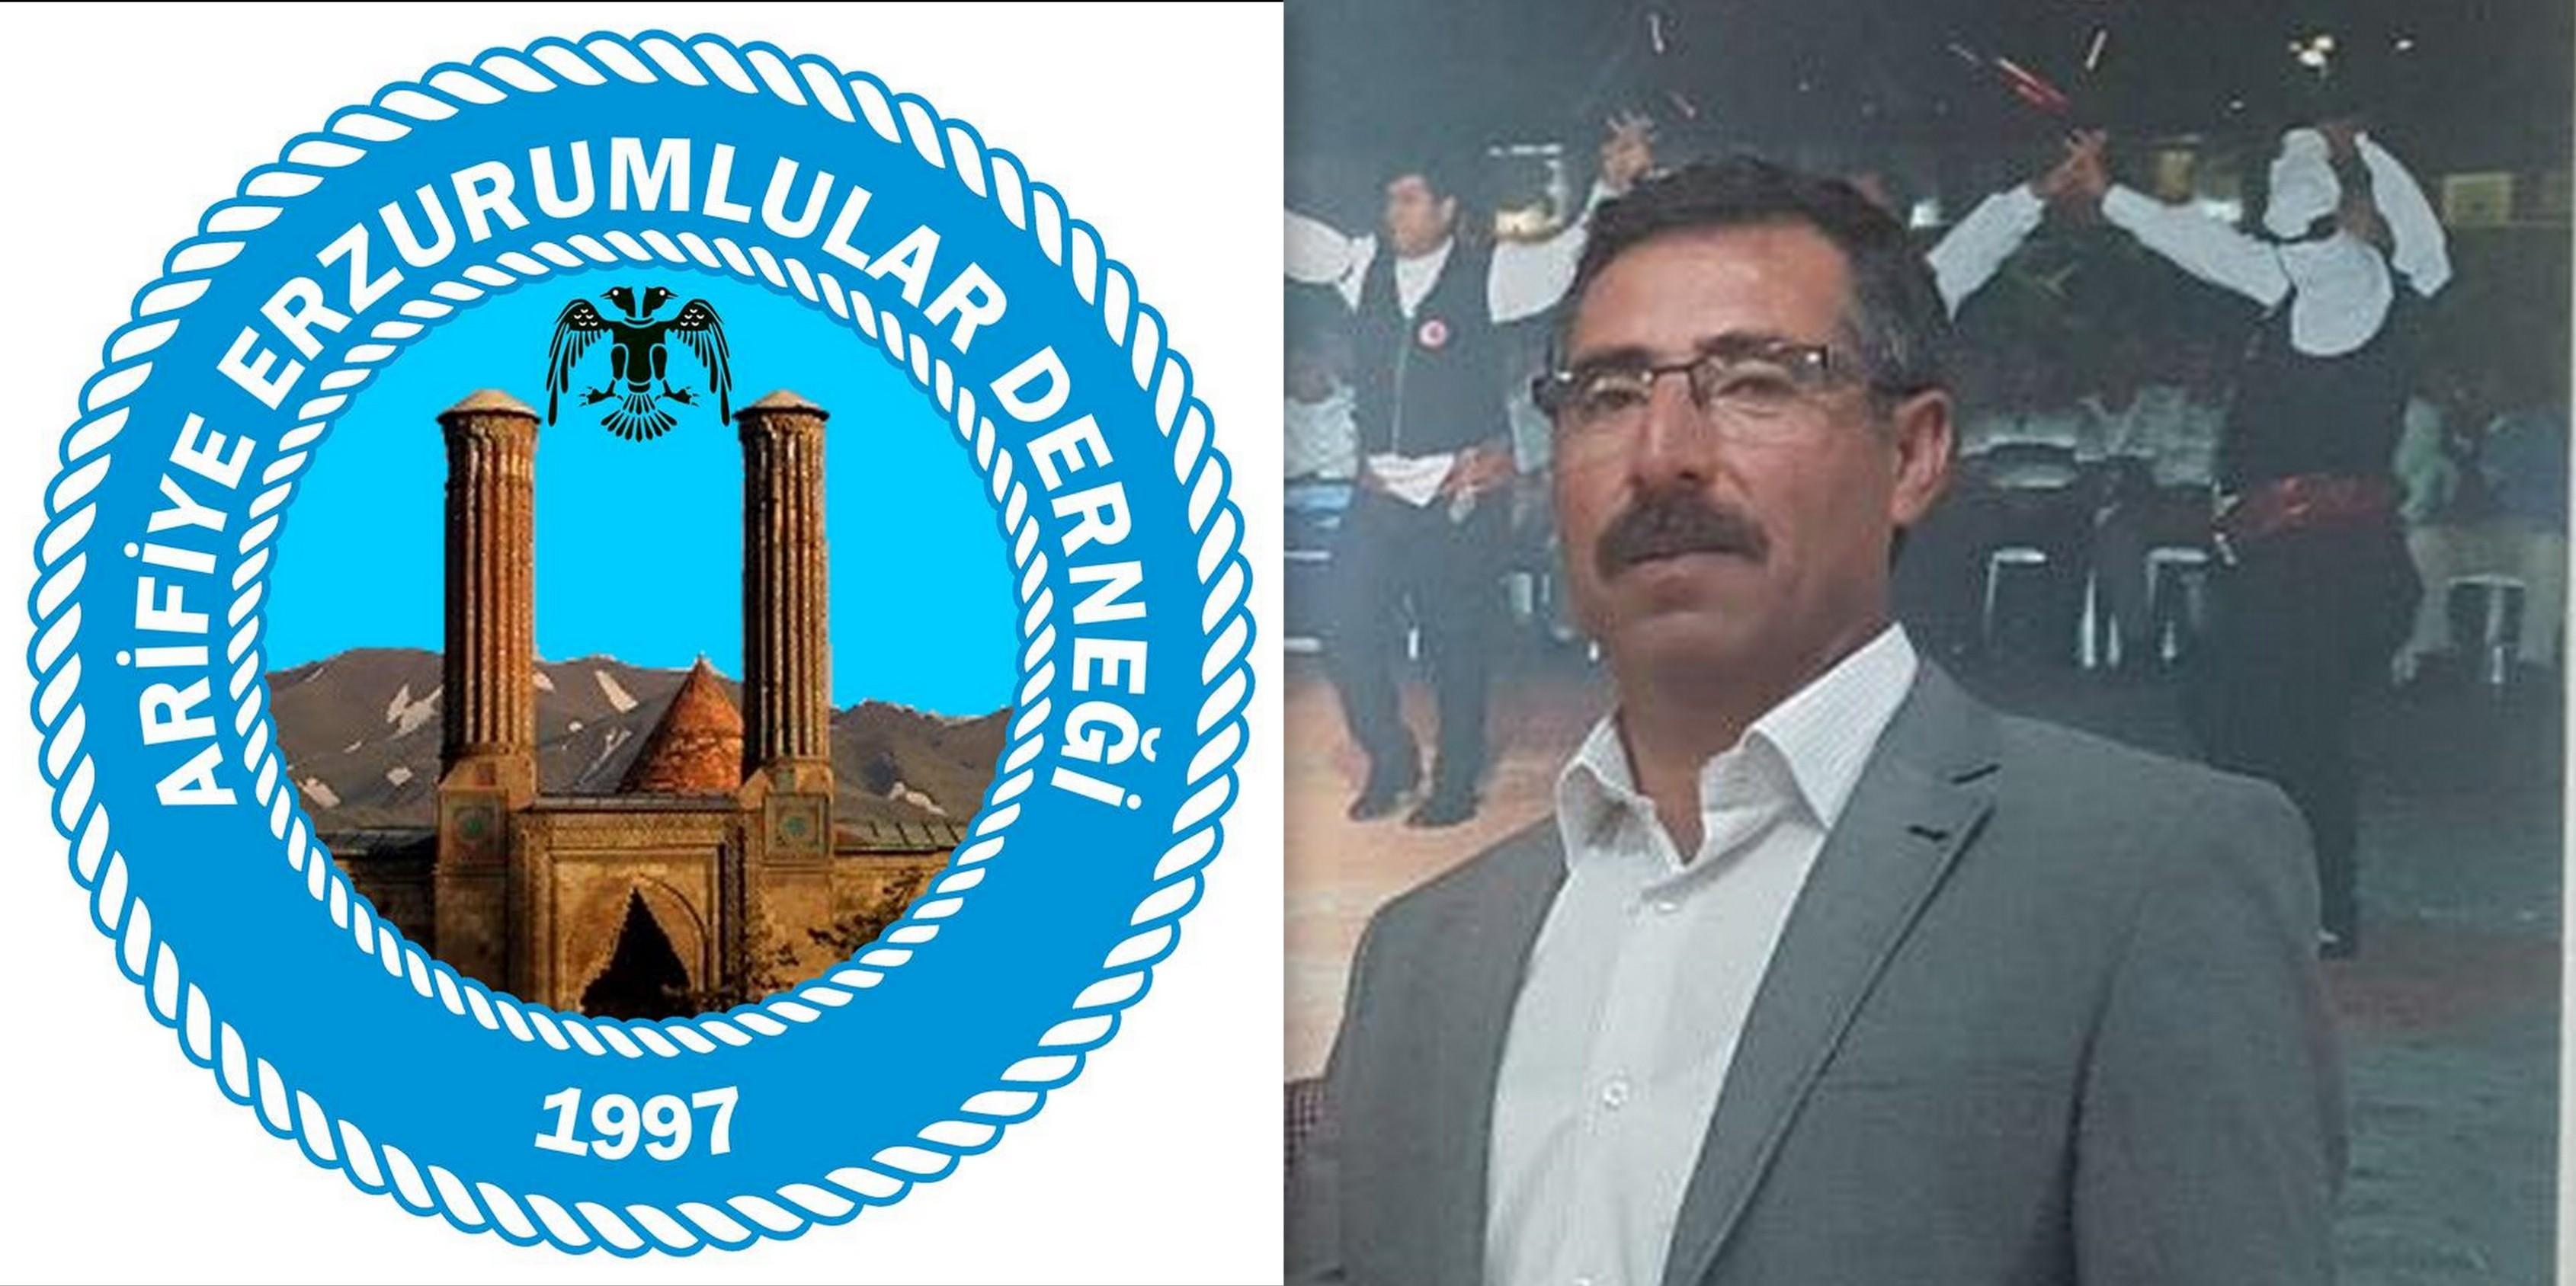 ARİFİYE ERZURUMLULAR DERNEĞİNDEN 'KUDÜS' KARARINA SERT TEPKİ!..